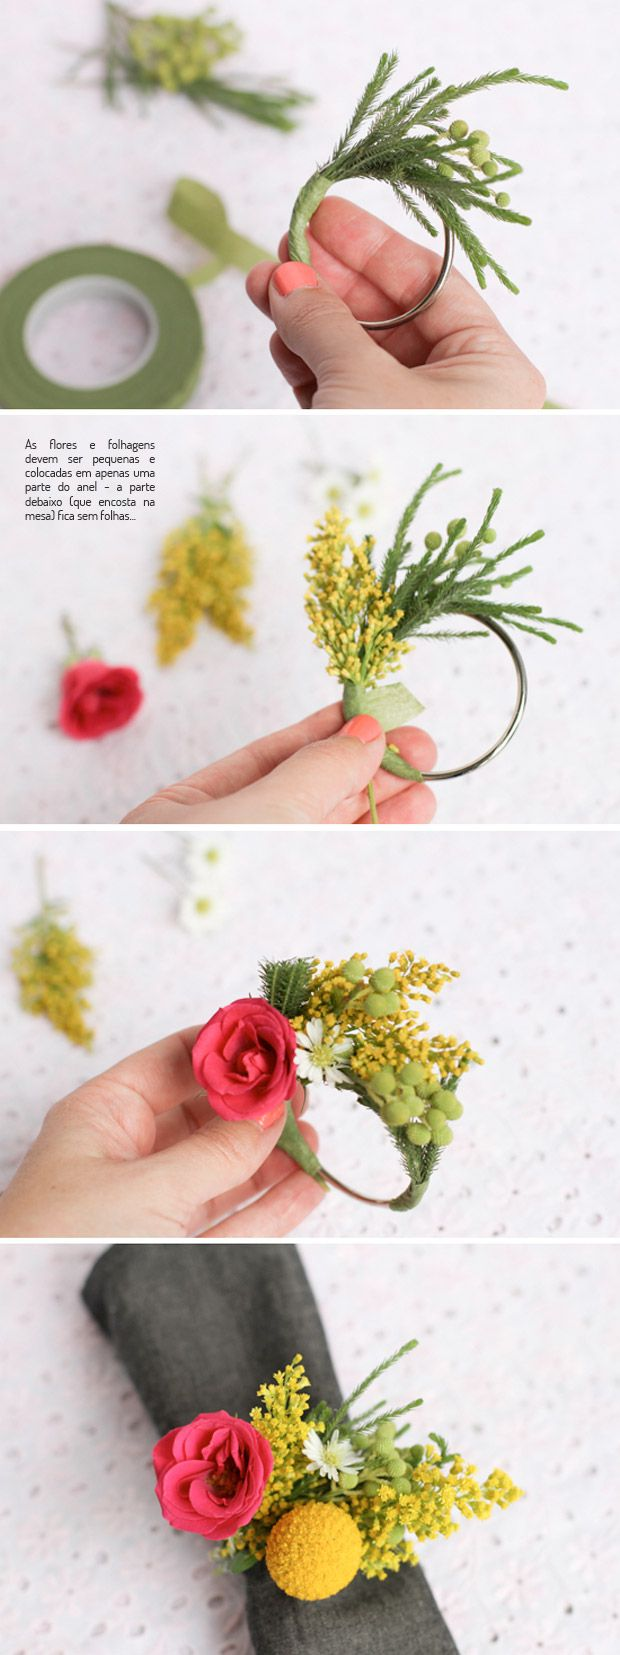 Aprenda a fazer um lindo anel de guardanapo. Veja mais: http://www.casadevalentina.com.br/blog/materia/inspira-o-diy--anel-de-guardanapo.html  #decoracao #decor #diy #idea #ideia #charm #charme #tableware #casadevalentina